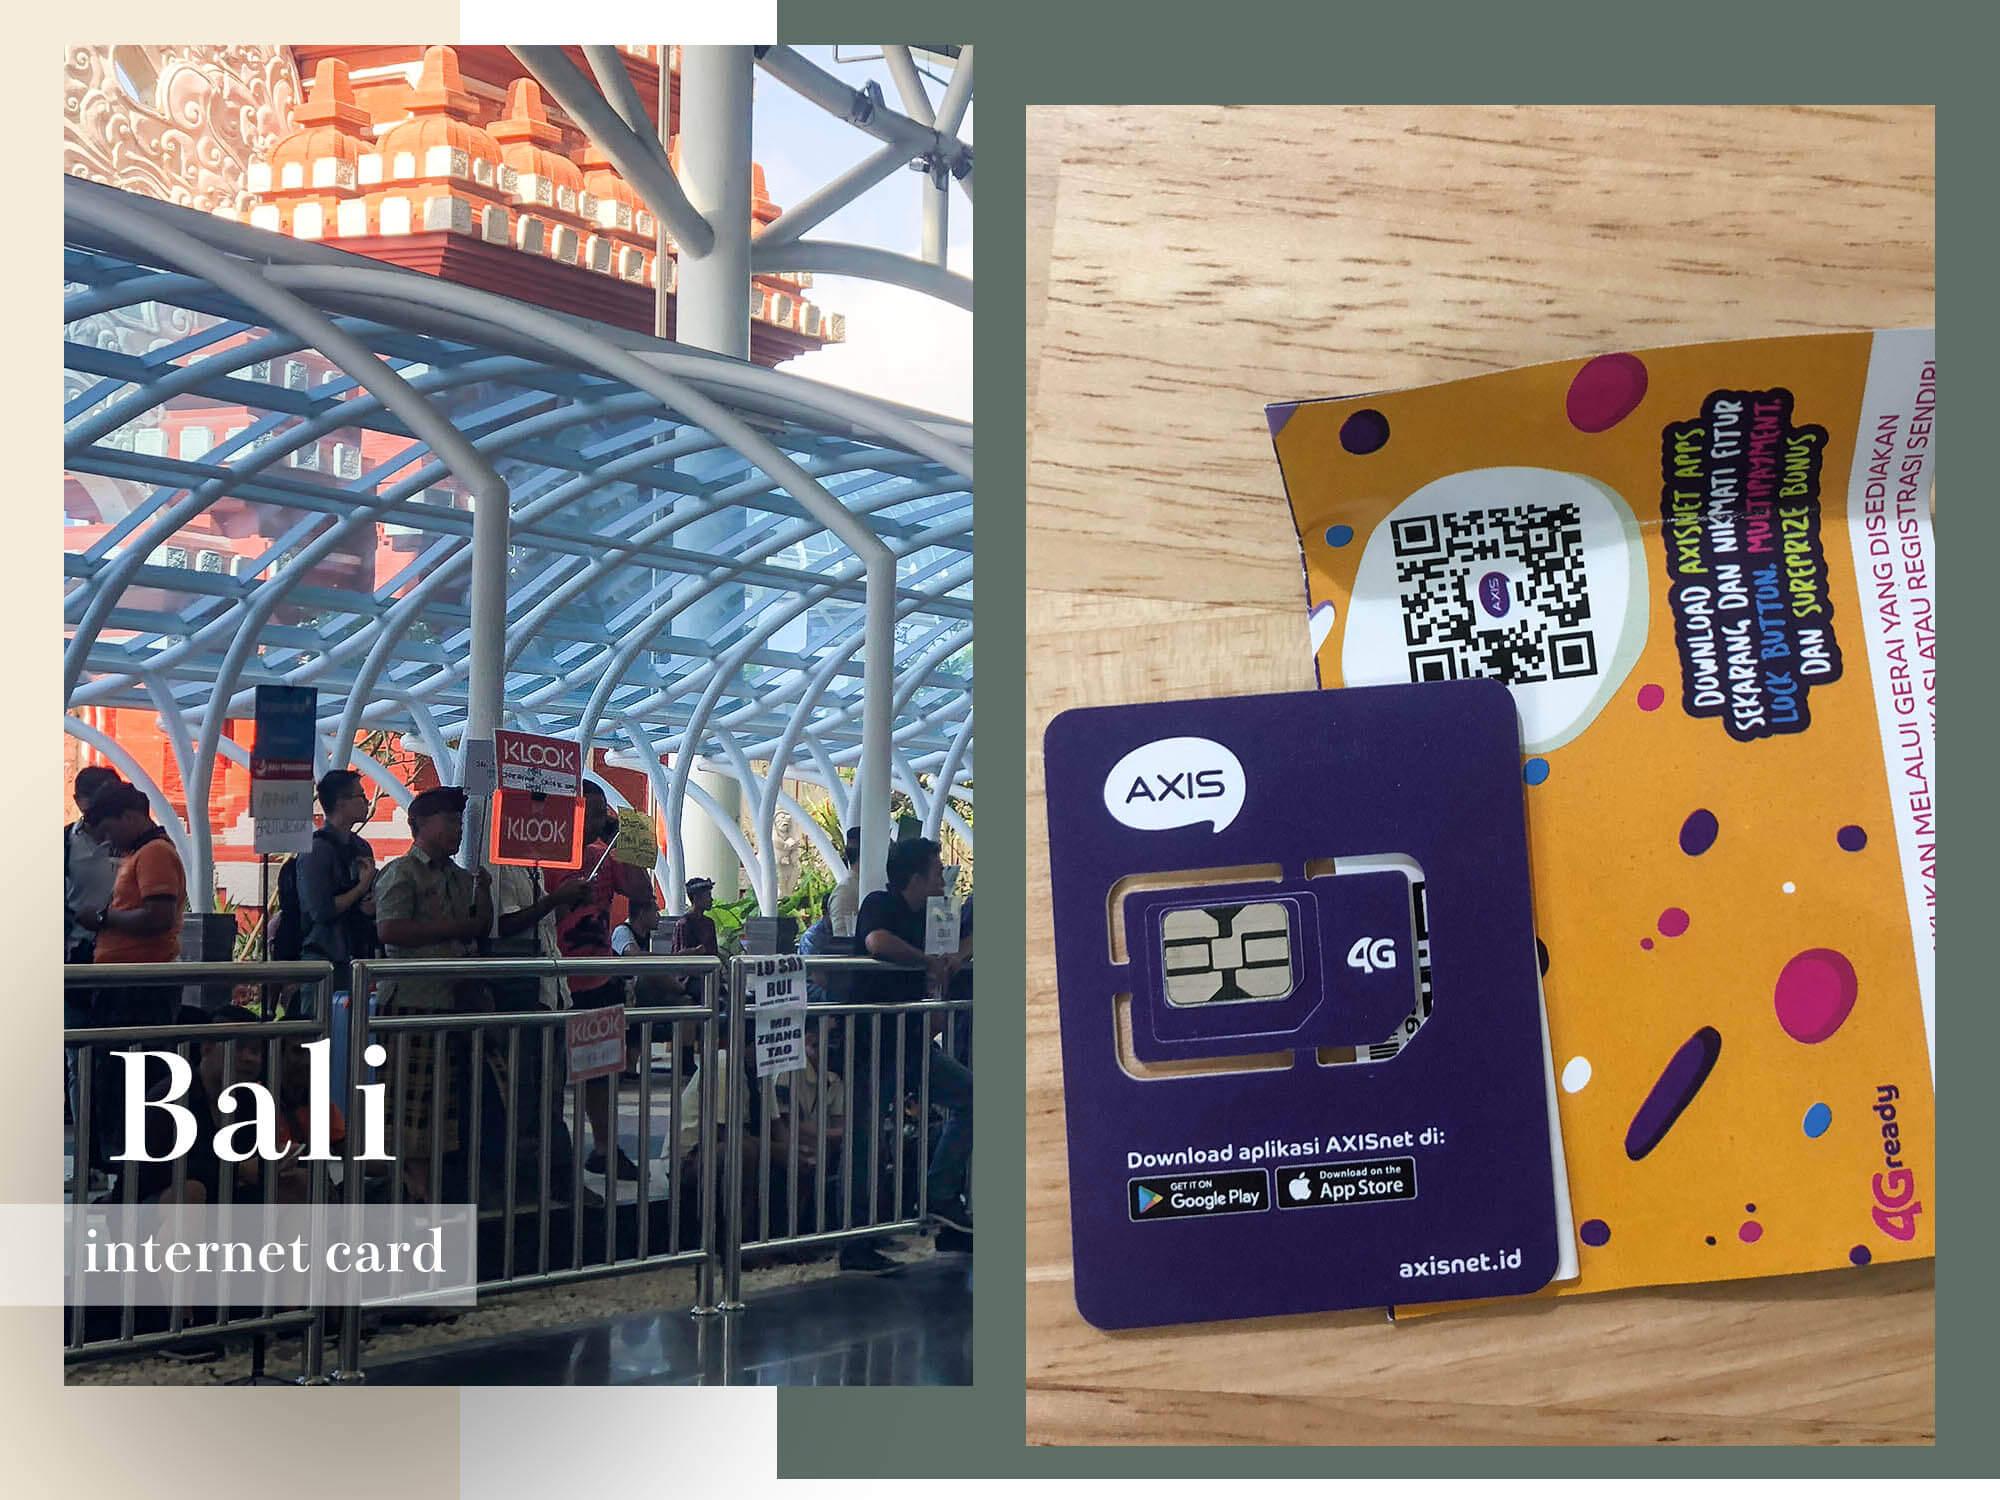 峇里島|網路推薦總整理分析-電信漫遊、wifi機還是網卡比較划算好用?